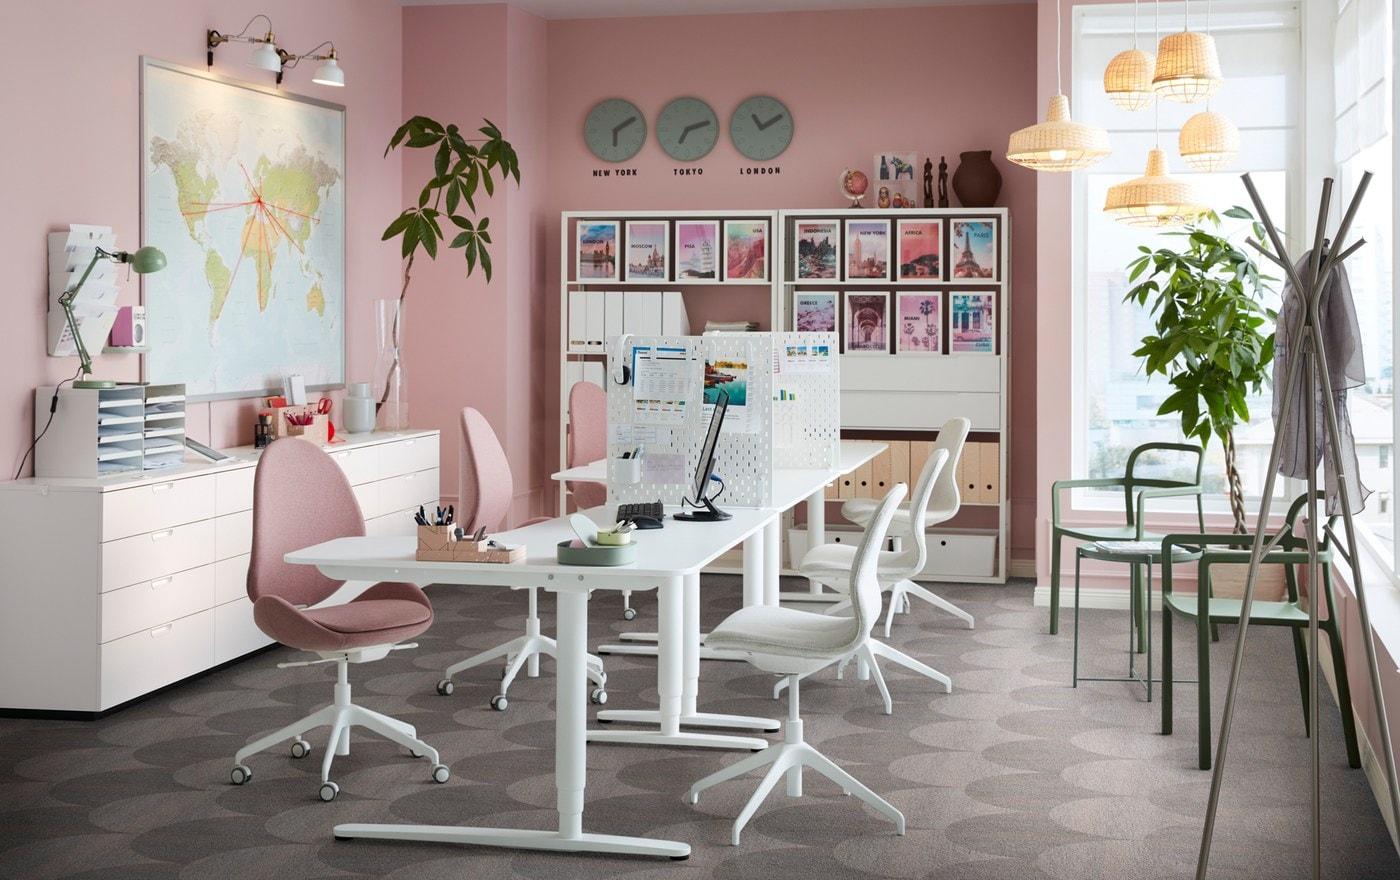 Fonkelnieuw A pink and posh travel agency - IKEA SU-96